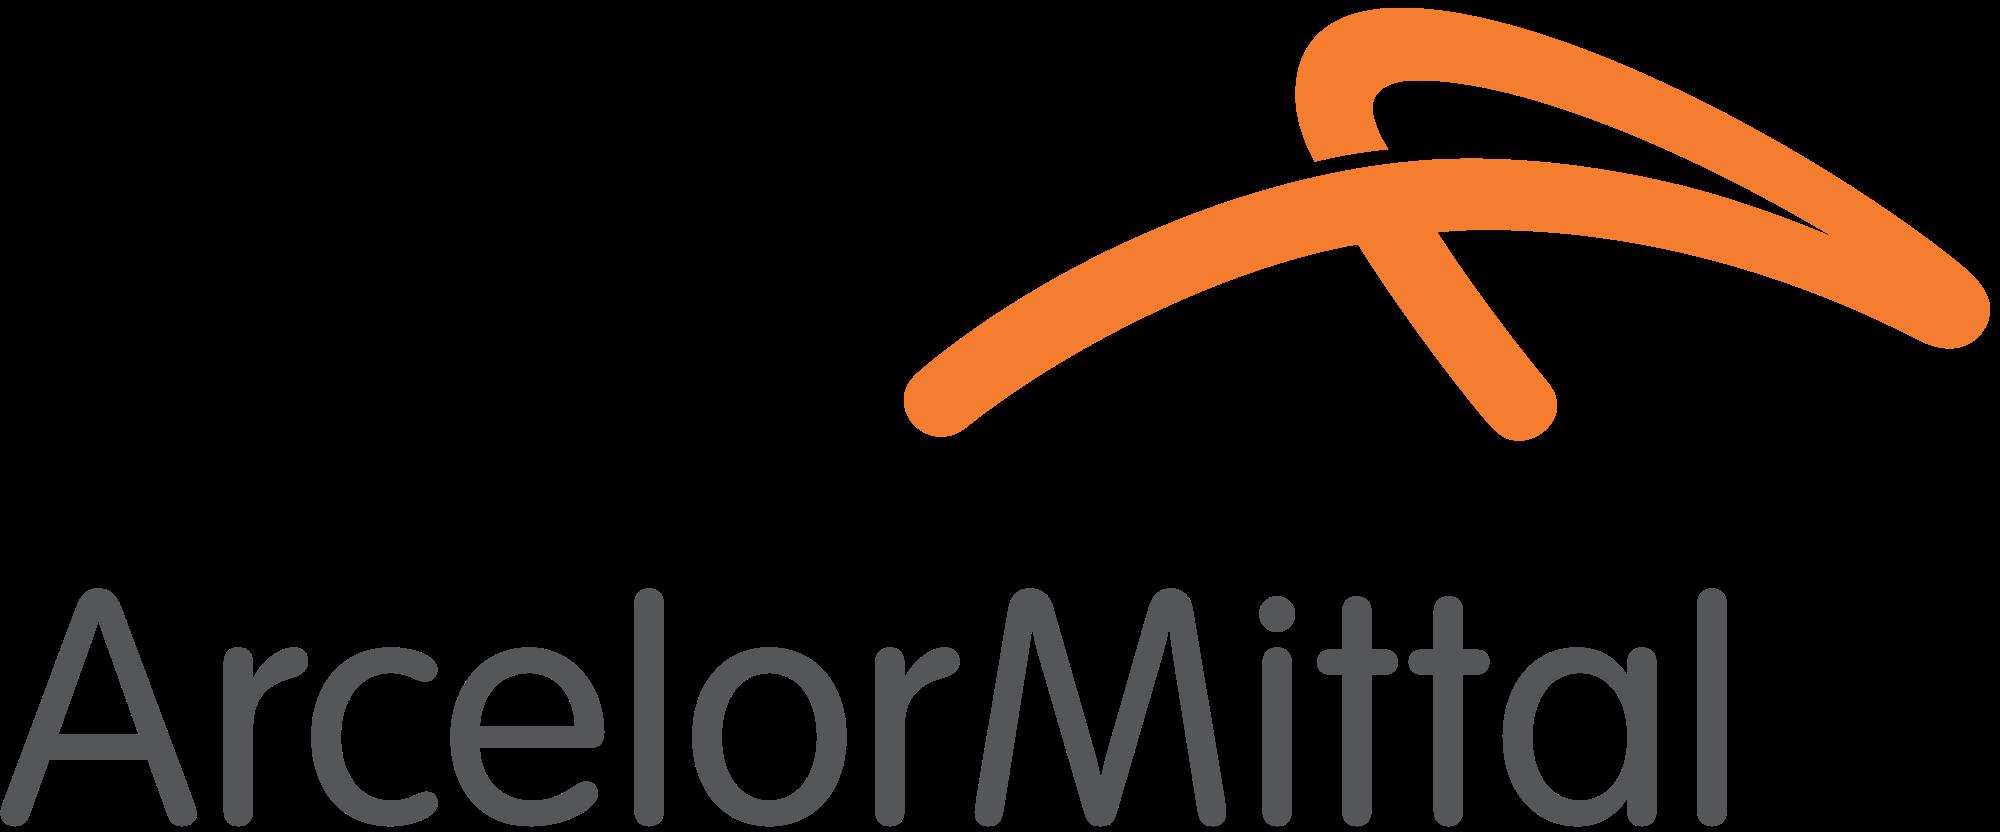 ArcelorMittal SA ist ein multinationales Stahl Manufacturing Corporation. Es wurde im Jahr 2006 aus der Übernahme und Fusion von Arcelor durch Mittal Steel gebildet. ArcelorMittal ist der weltgrößte Stahlproduzent.